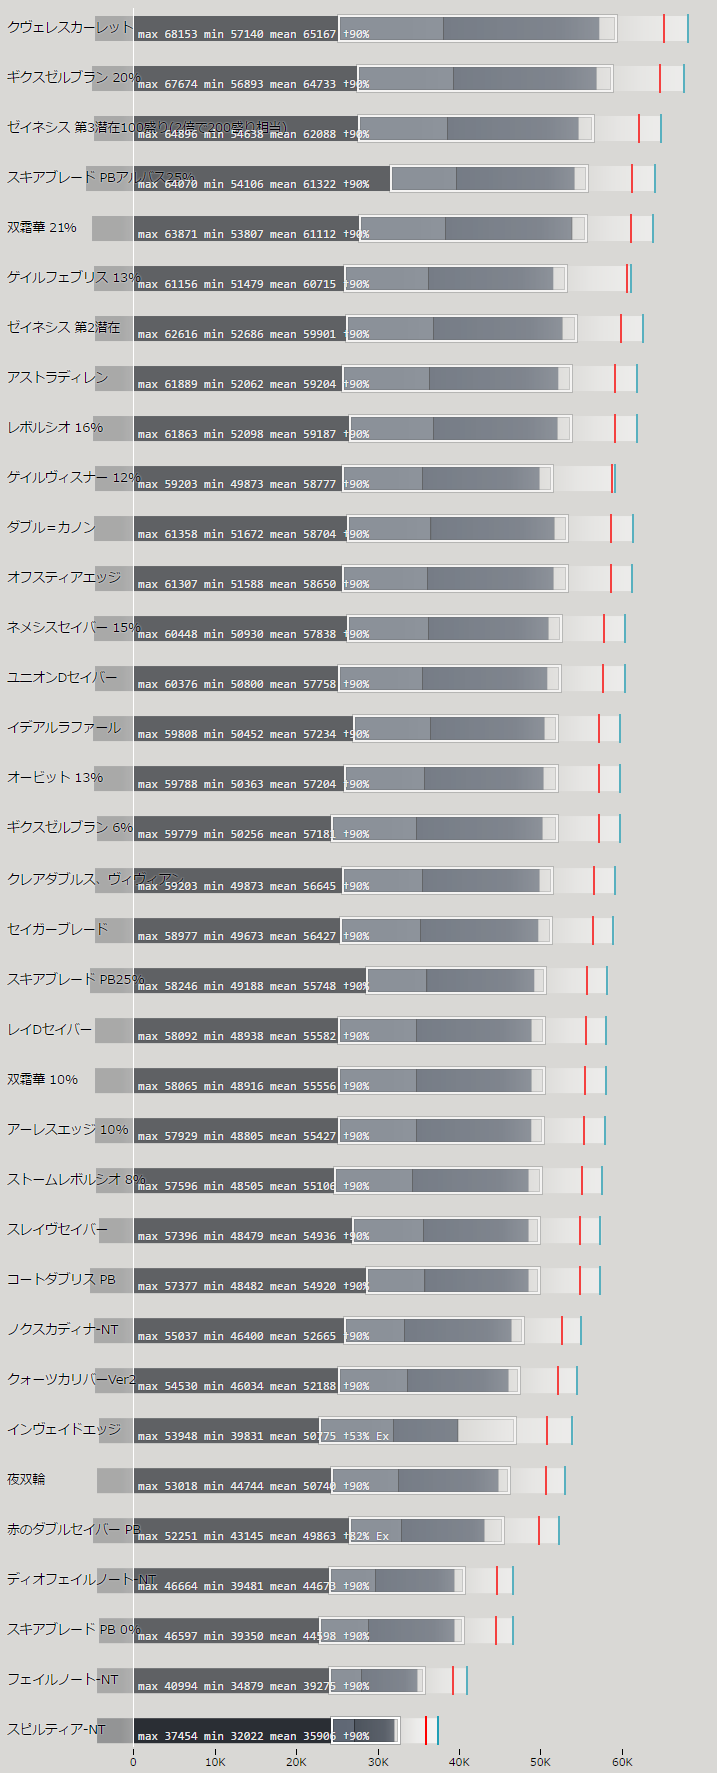 ダブルセイバーの火力比較ランキング表